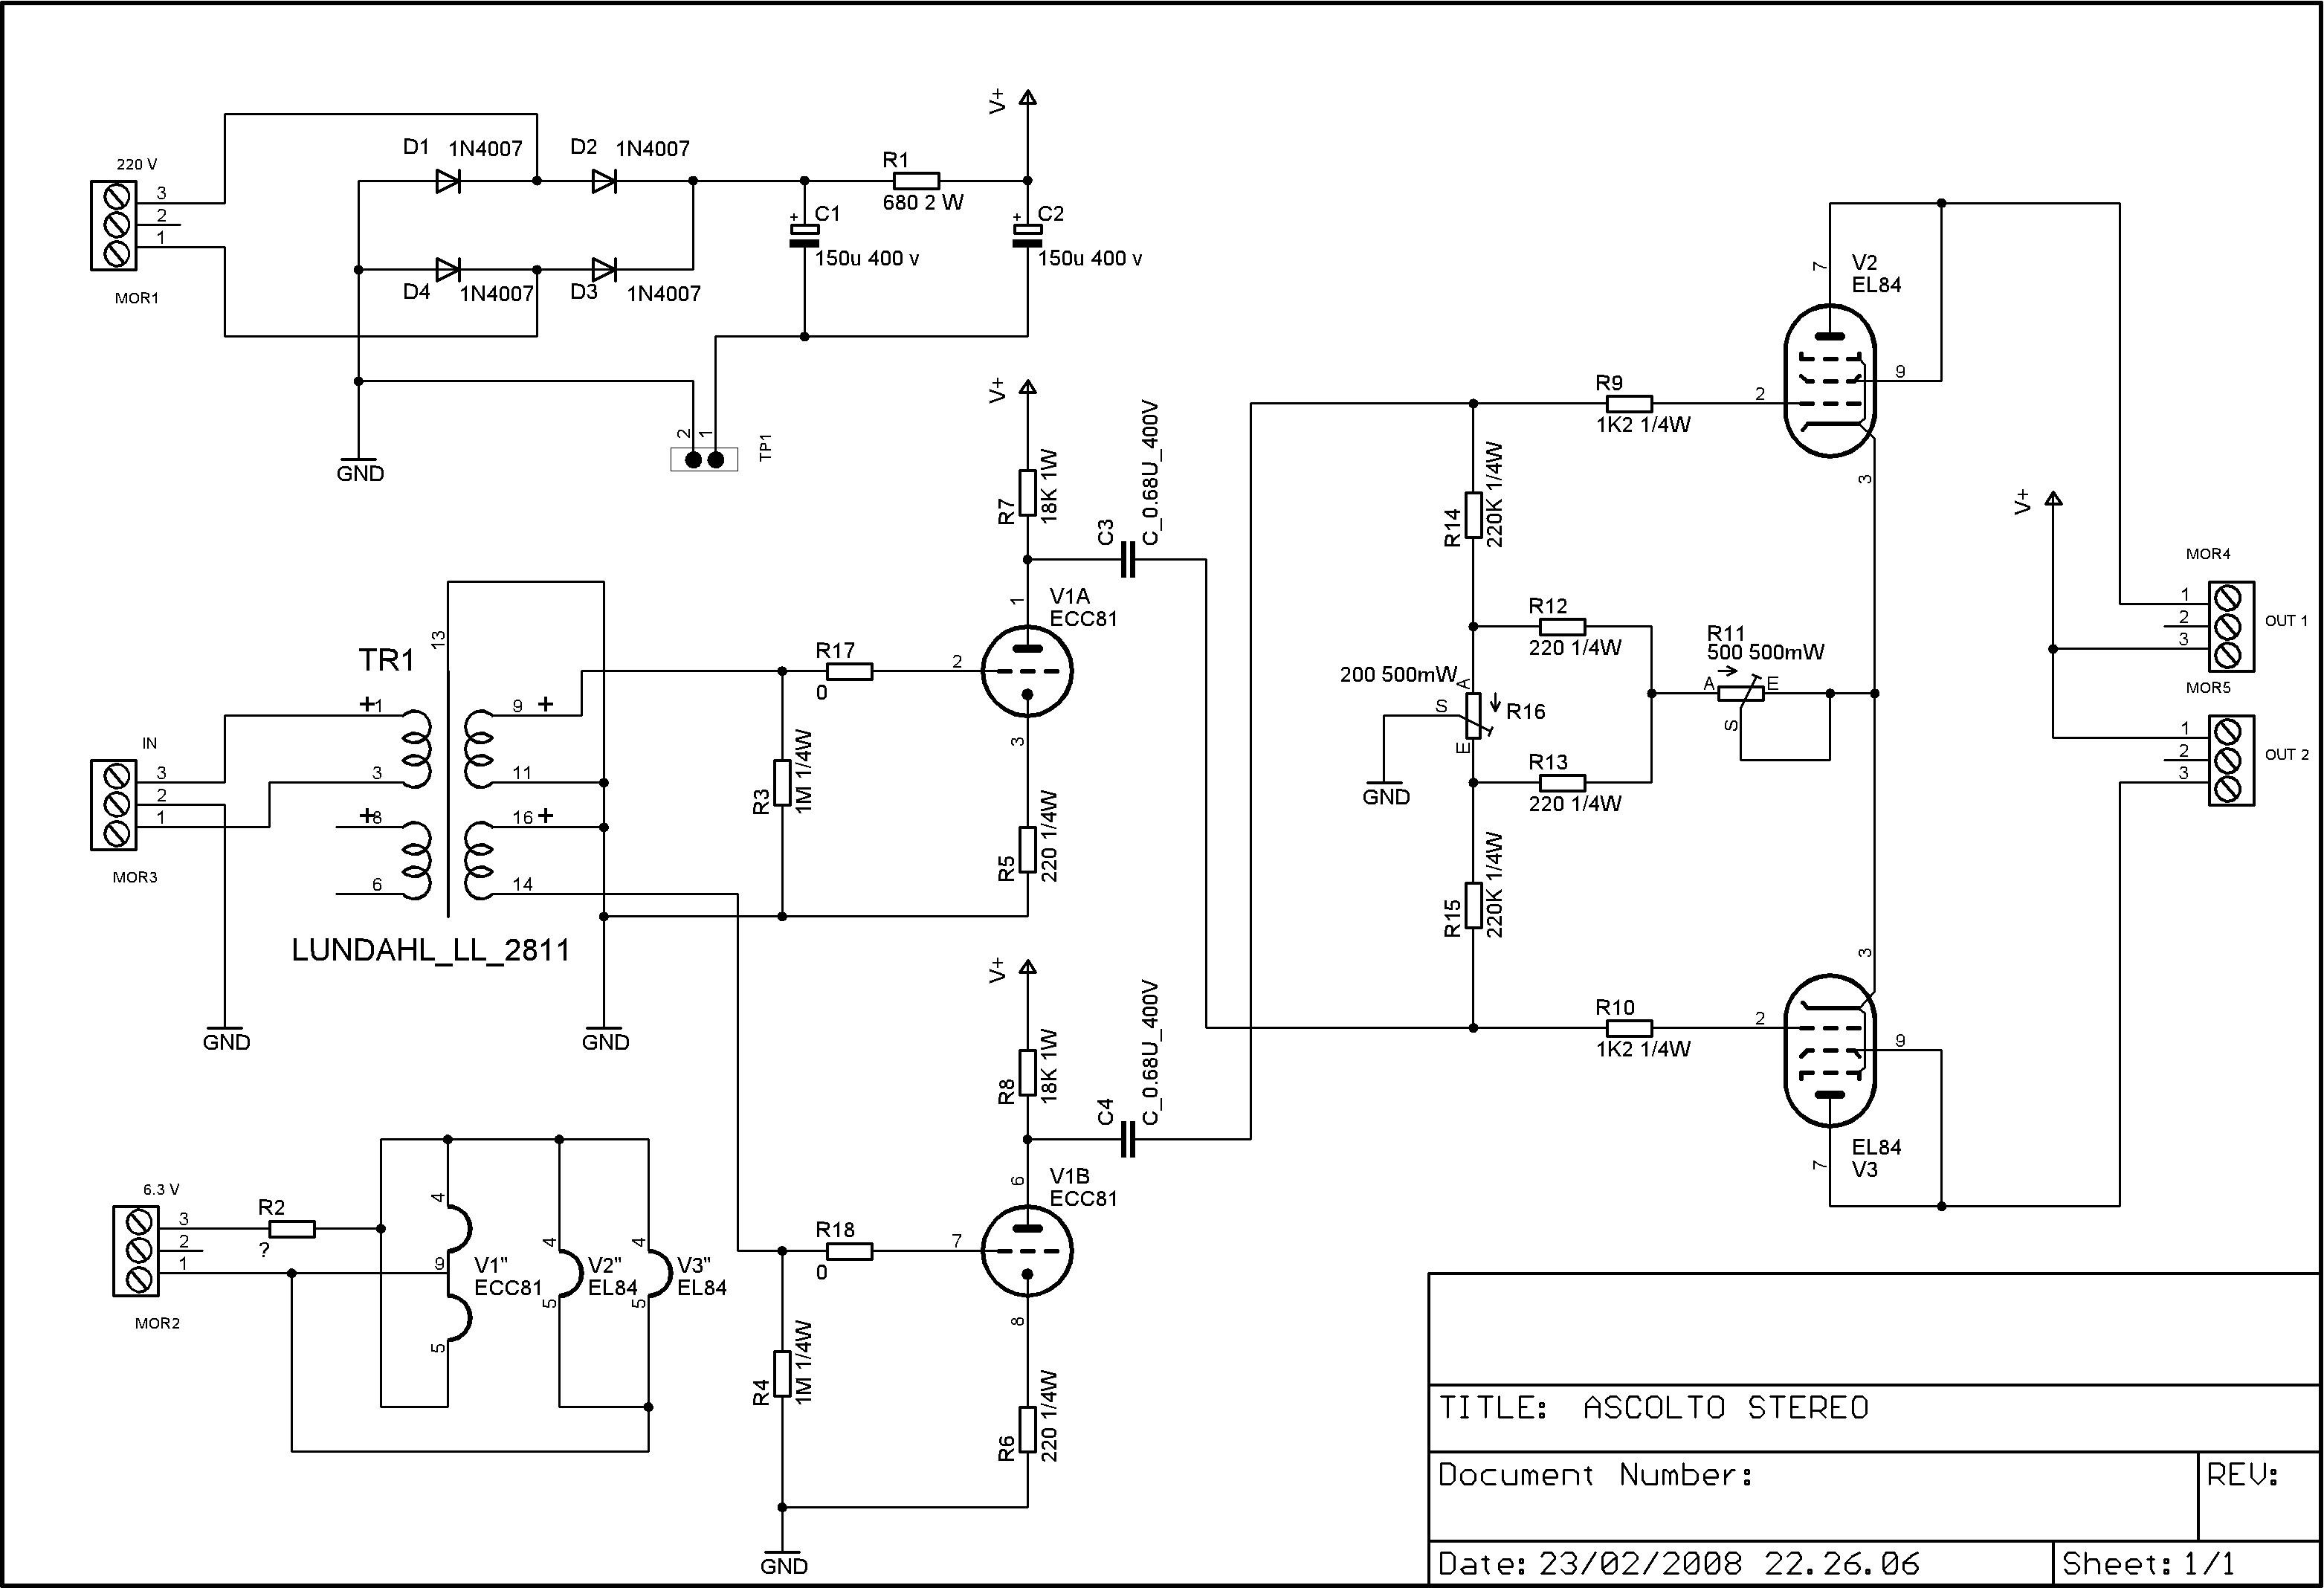 Schemi Elettrici Di Circuiti : Ascolto stereo a valvole